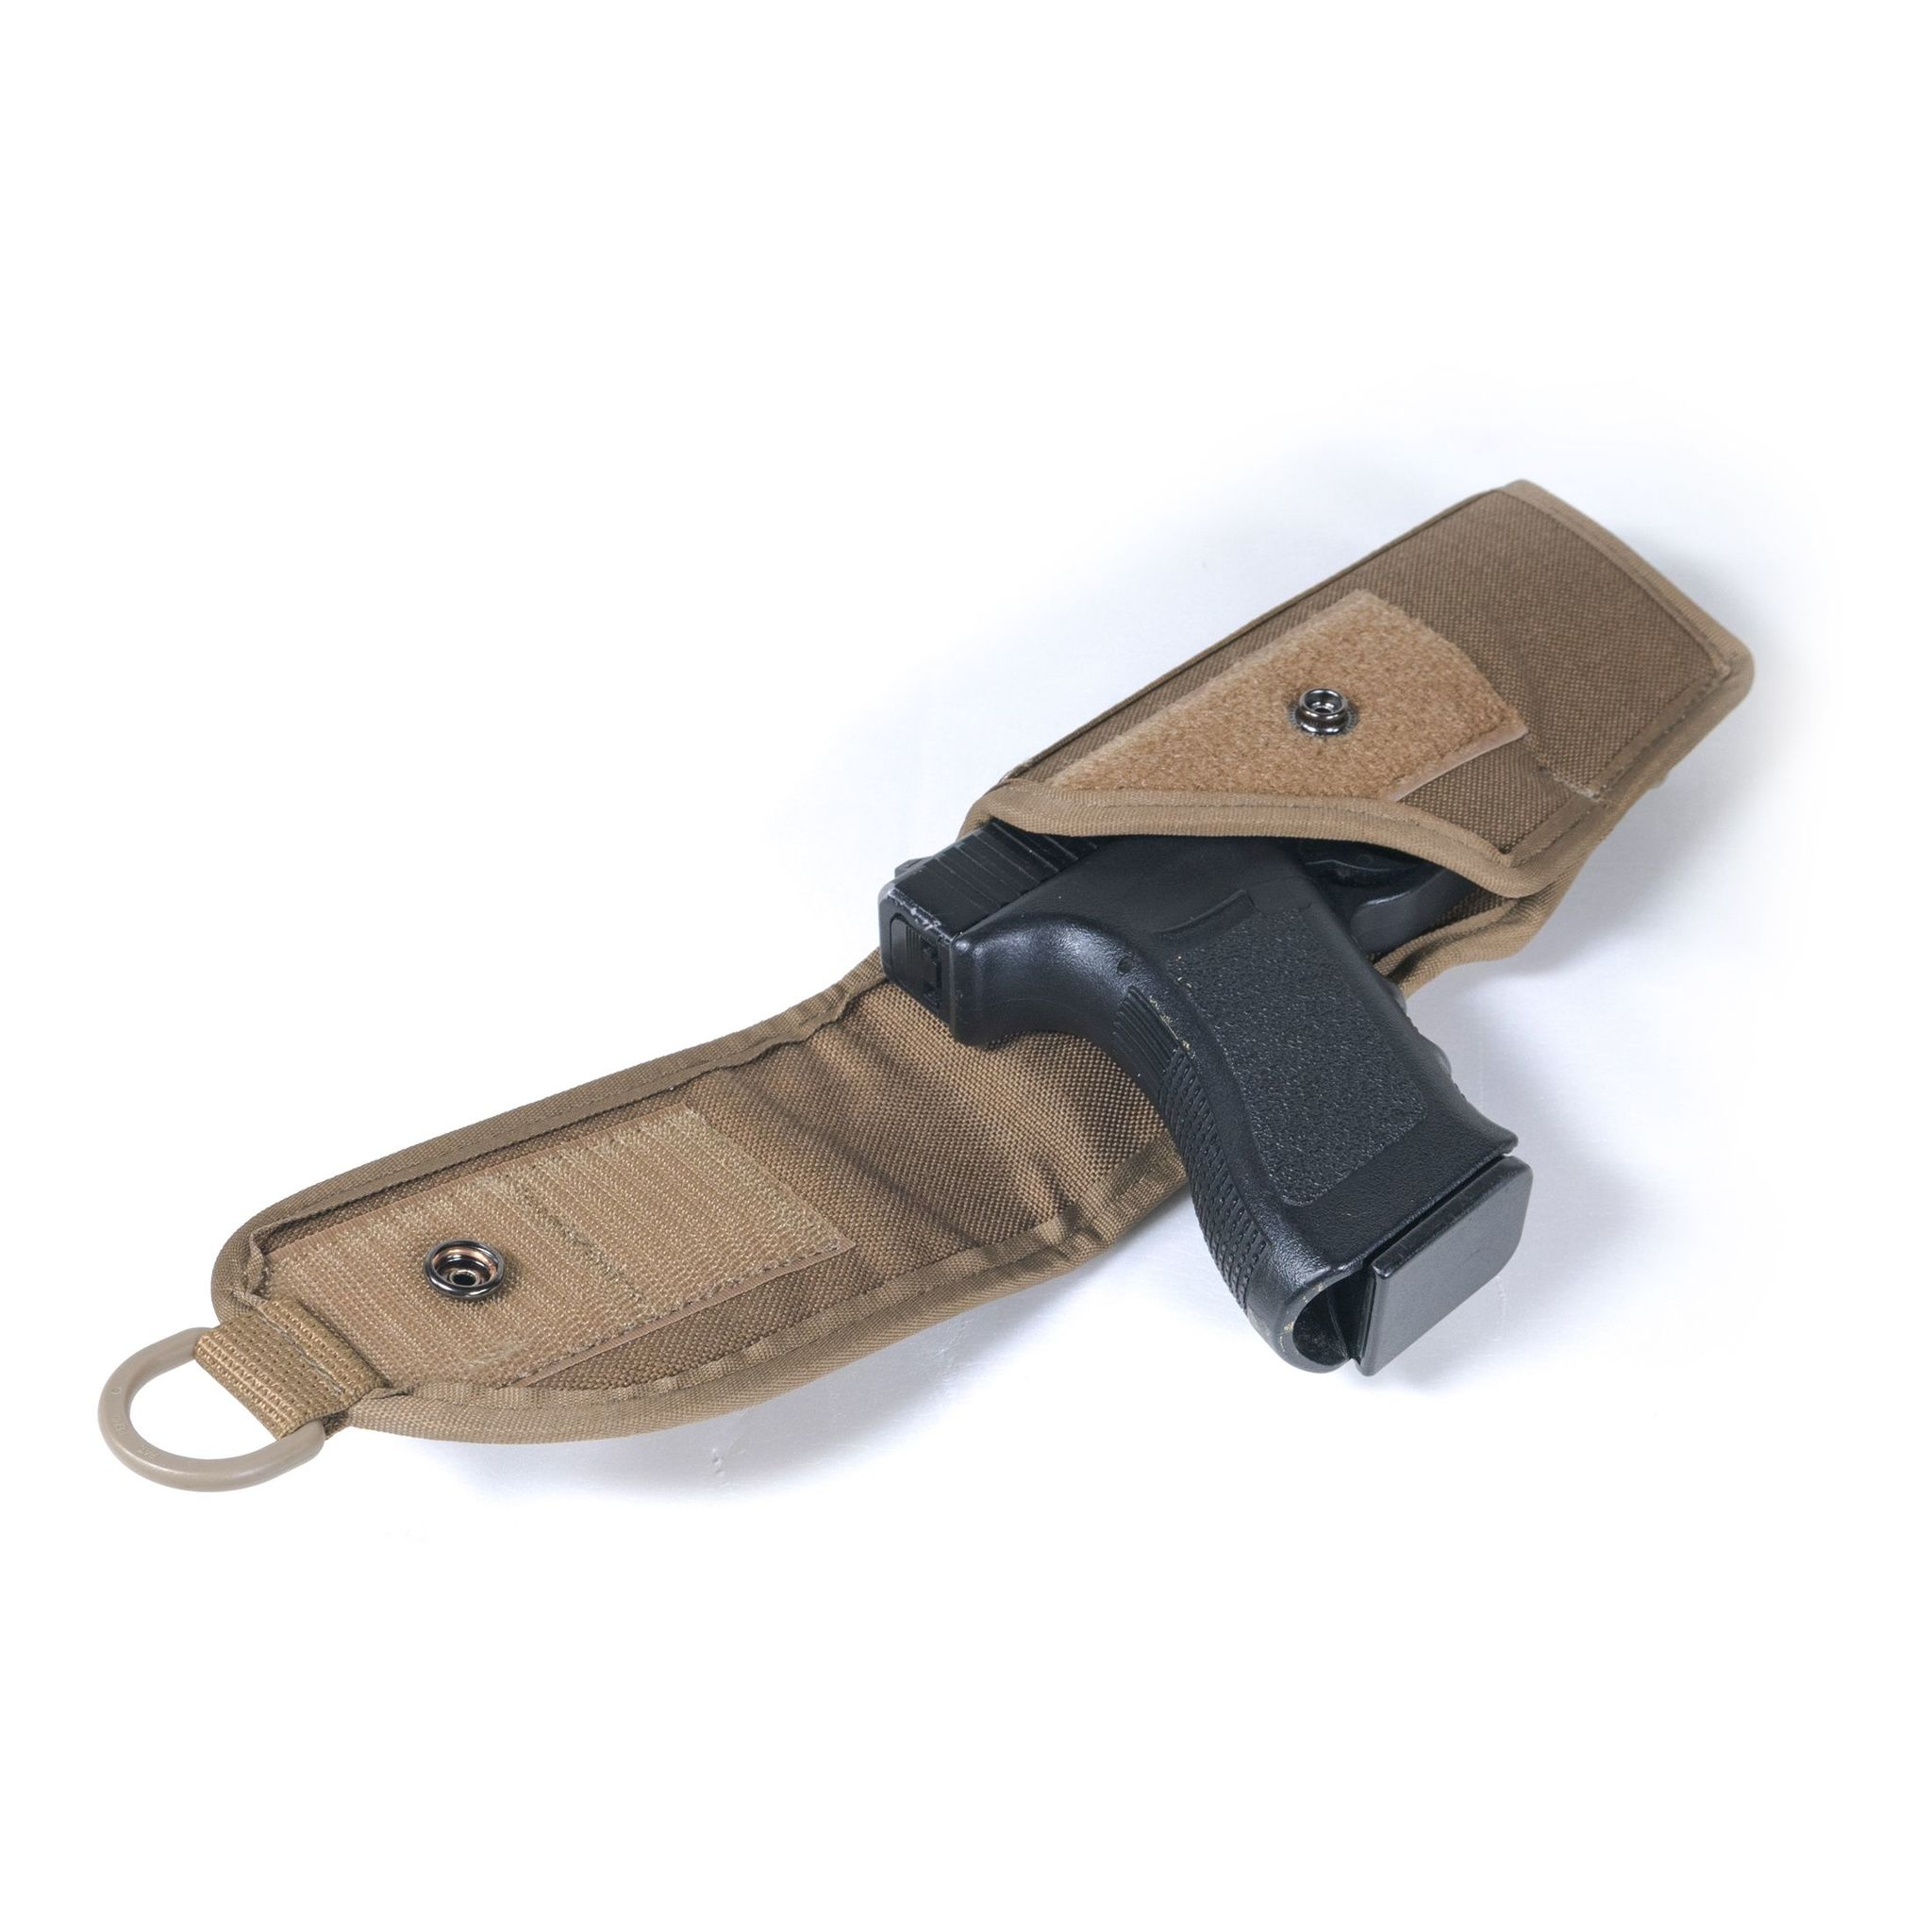 Кобура закрытая для пистолетов Глок 17, Глок 19, крепление MOLLE Стич Профи